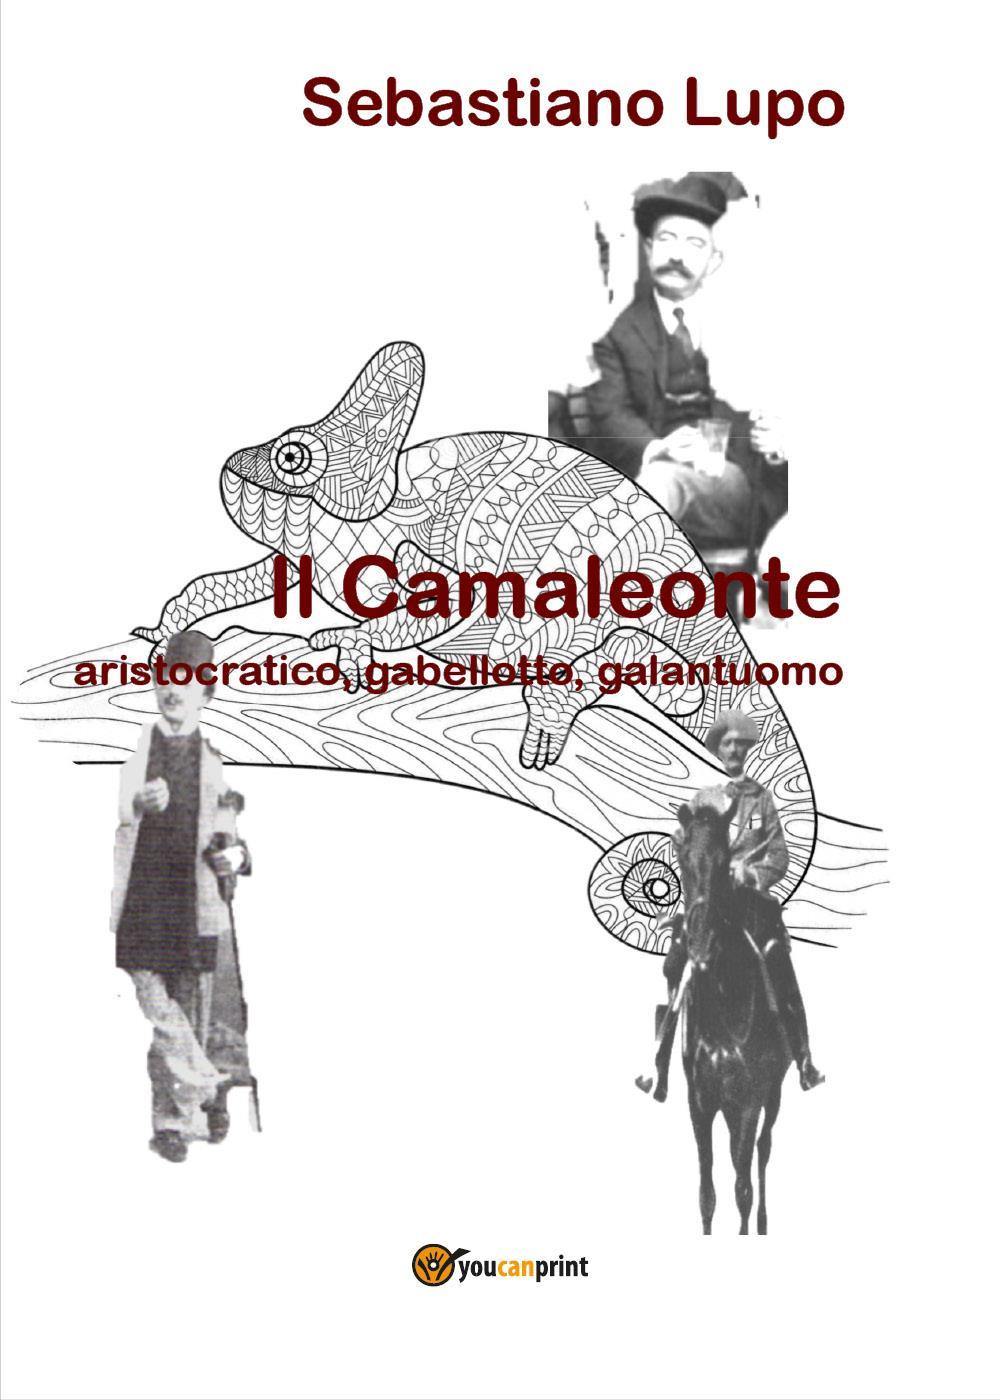 Il Camaleonte, aristocratico, gabellotto, galantuomo